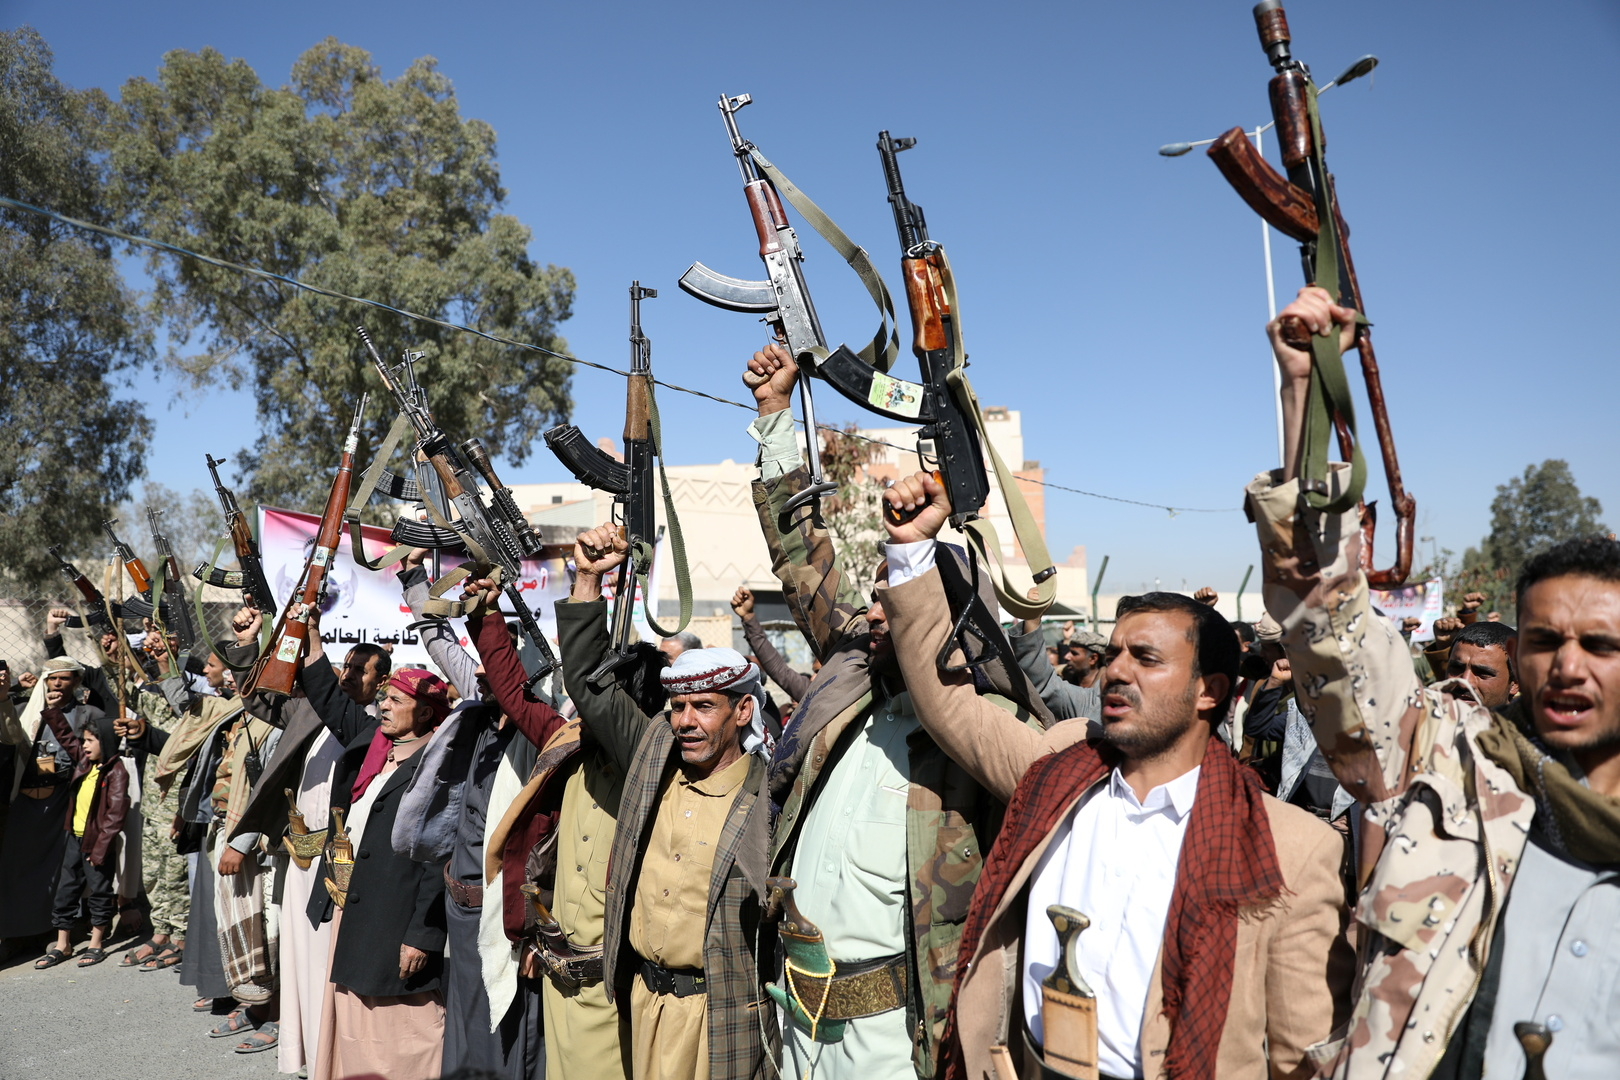 سقوط 5 مقذوفات أطلقها الحوثيون على قرية حدودية بمنطقة جازان